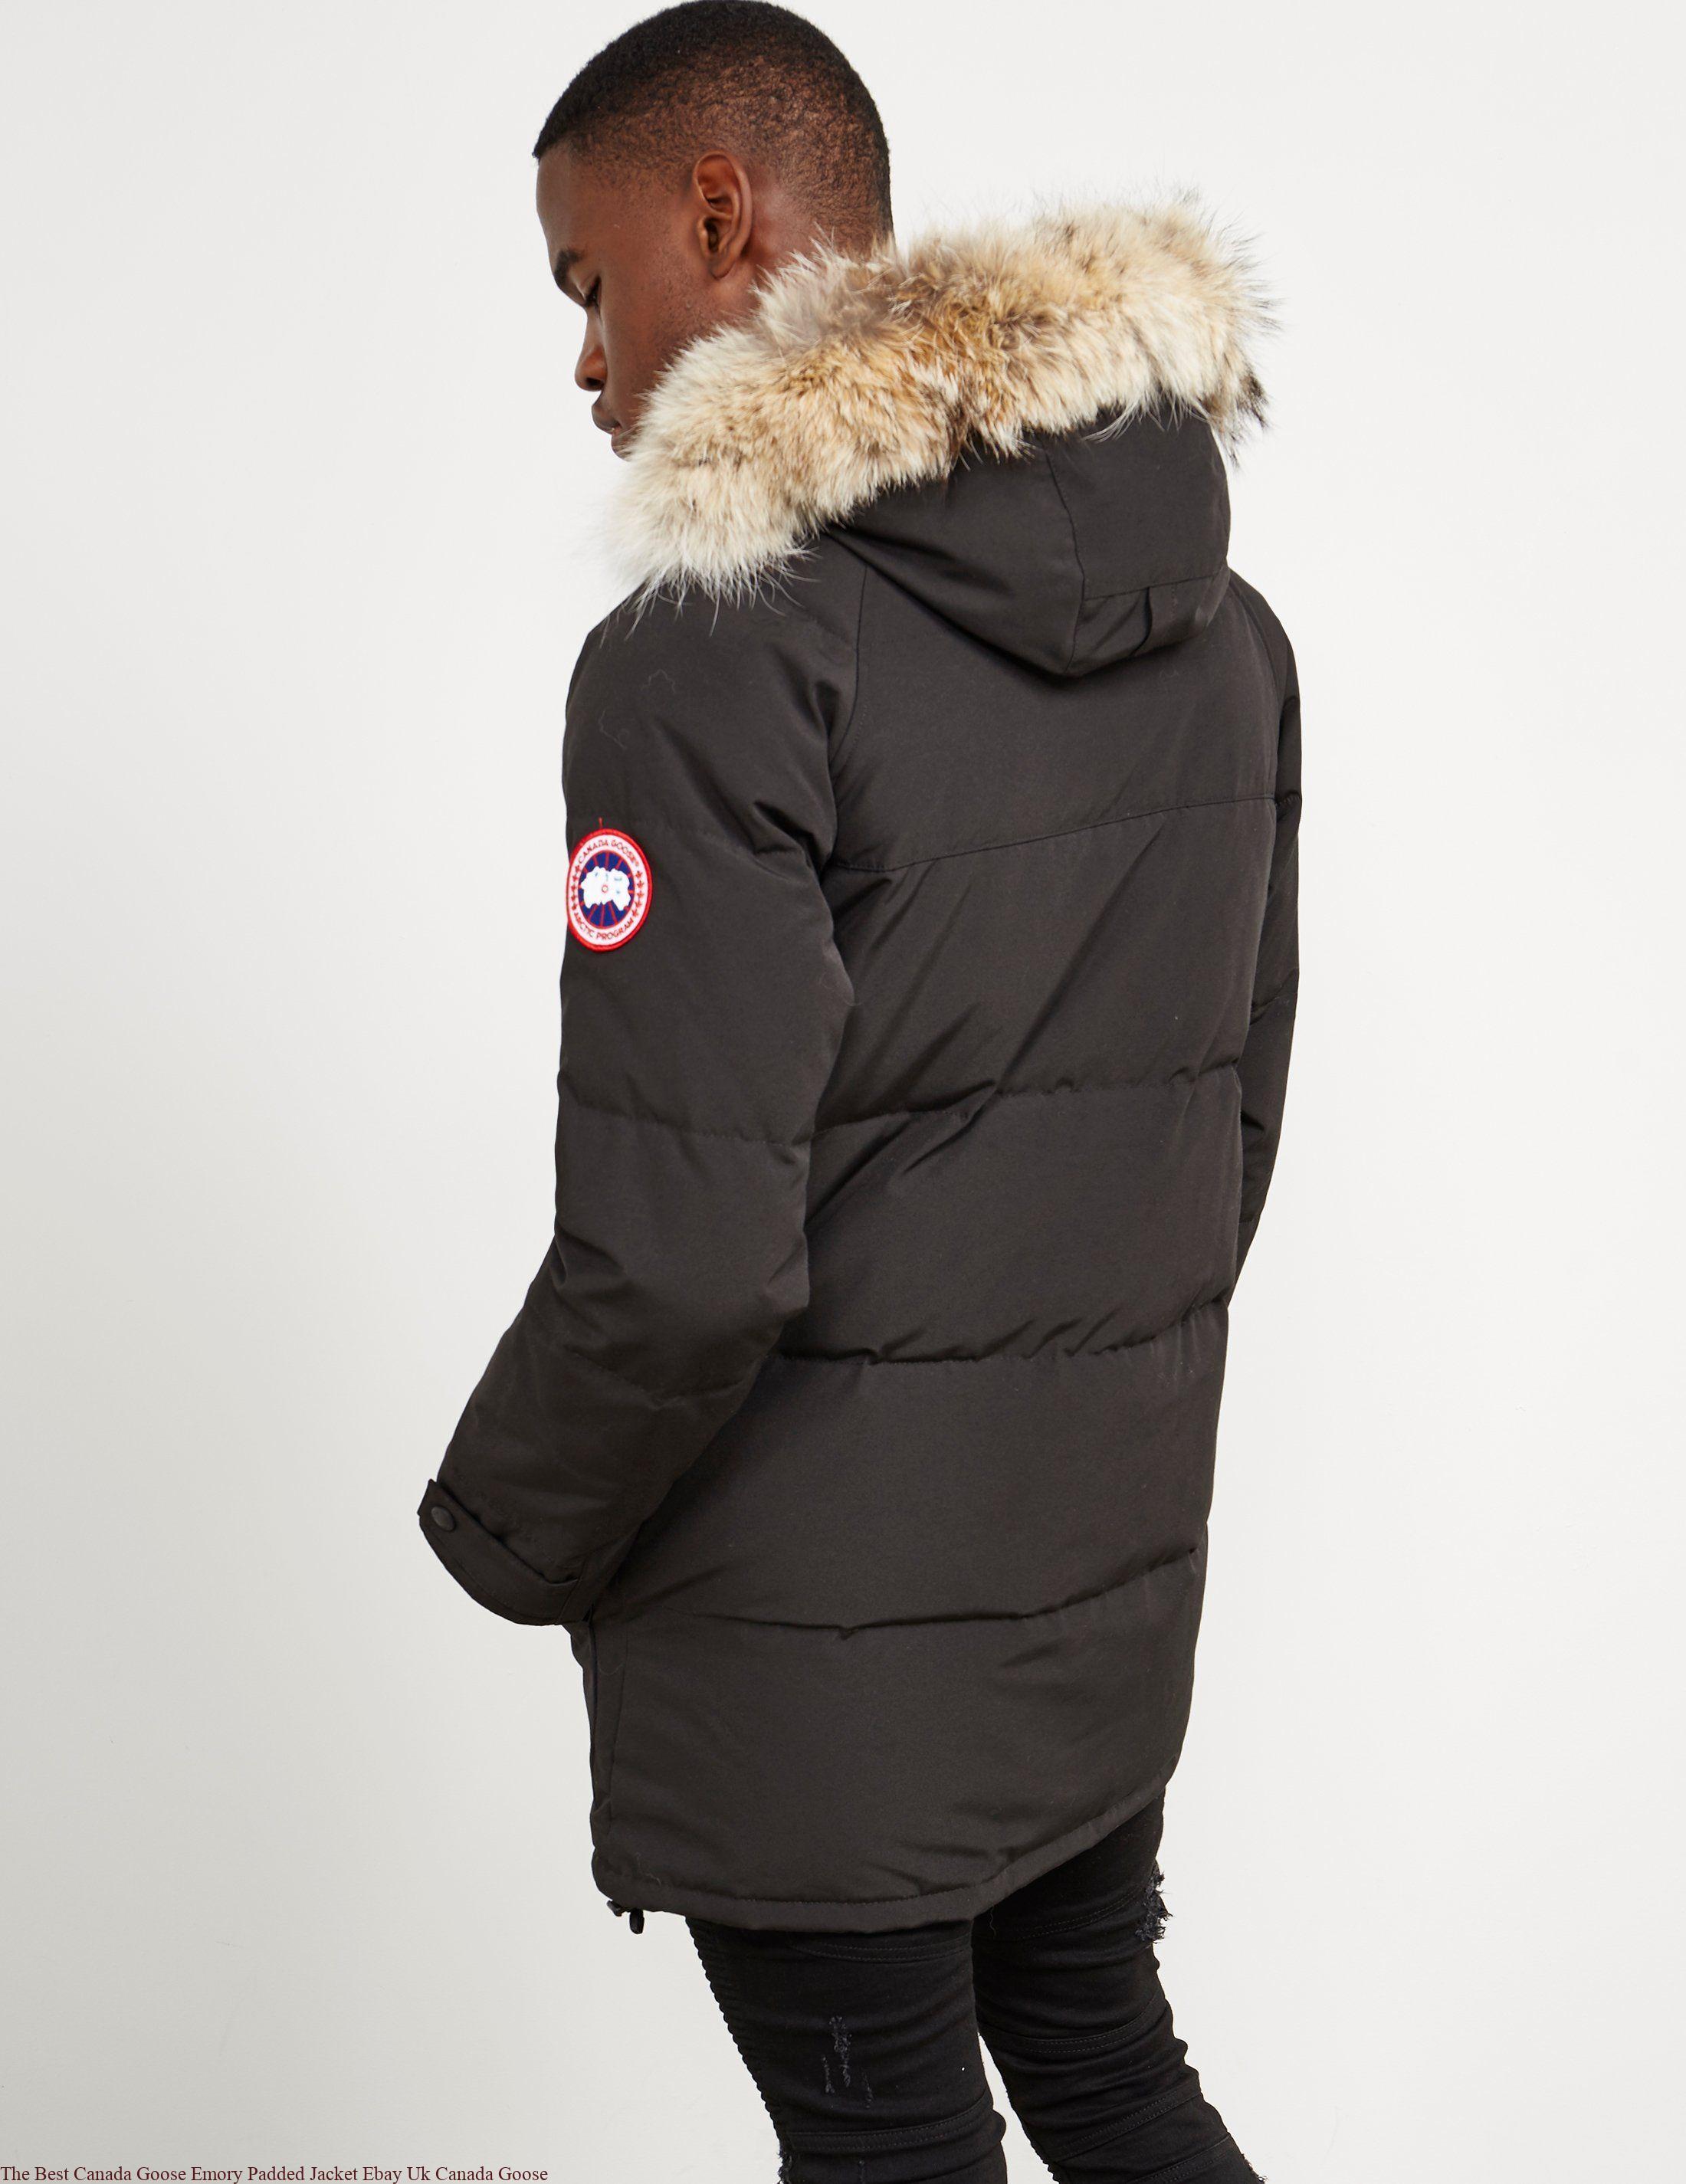 Canada Goose Ebay >> The Best Canada Goose Emory Padded Jacket Ebay Uk Canada Goose Uk